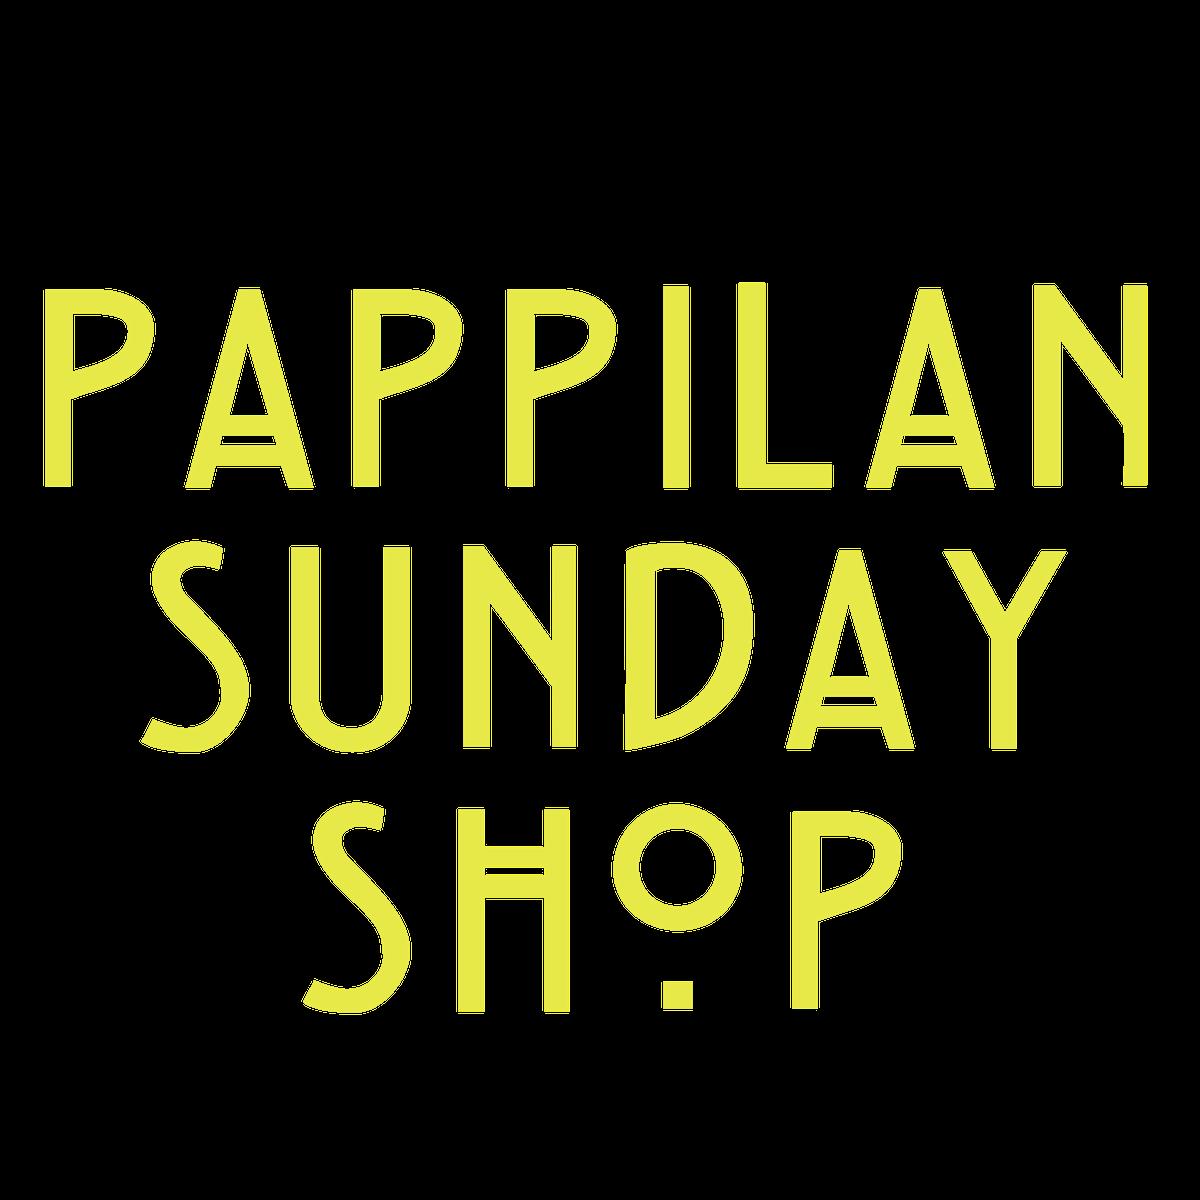 Yhteistyössä: Pappilan Sunday Shop